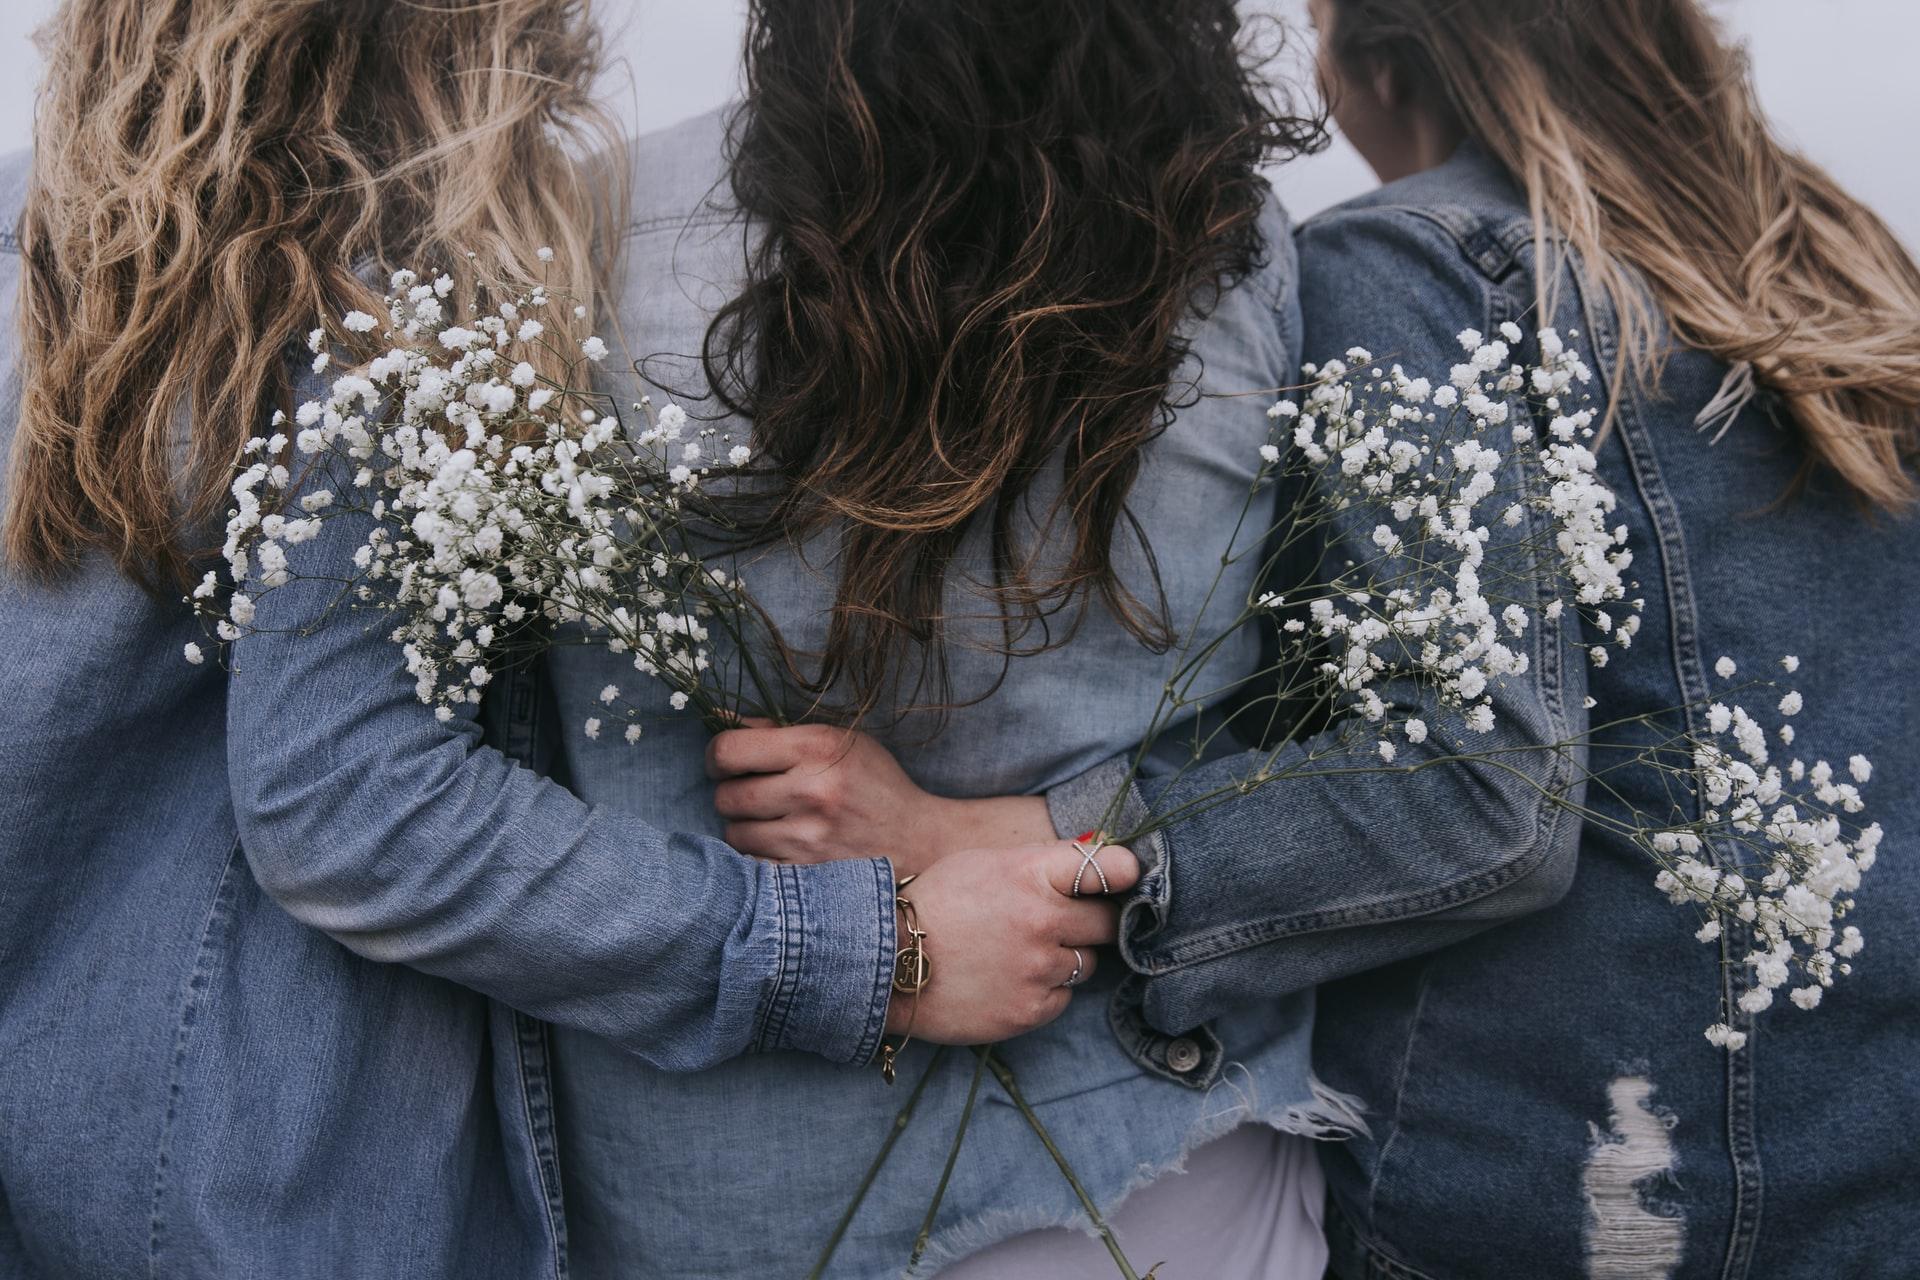 Back to back friends hugging